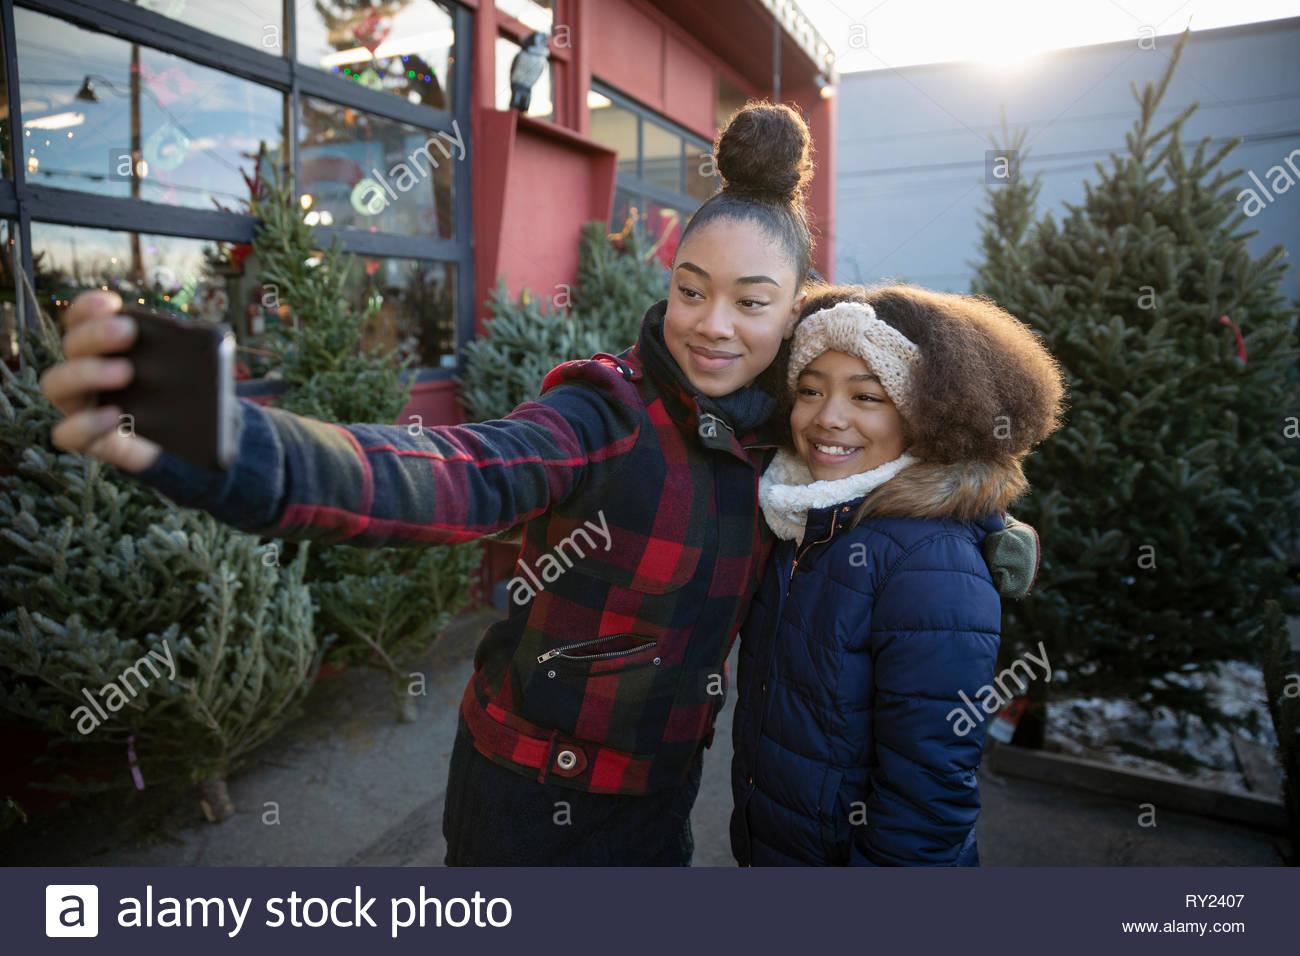 Les sœurs avec téléphone appareil photo en tenant au marché de l'arbre de Noël selfies Photo Stock